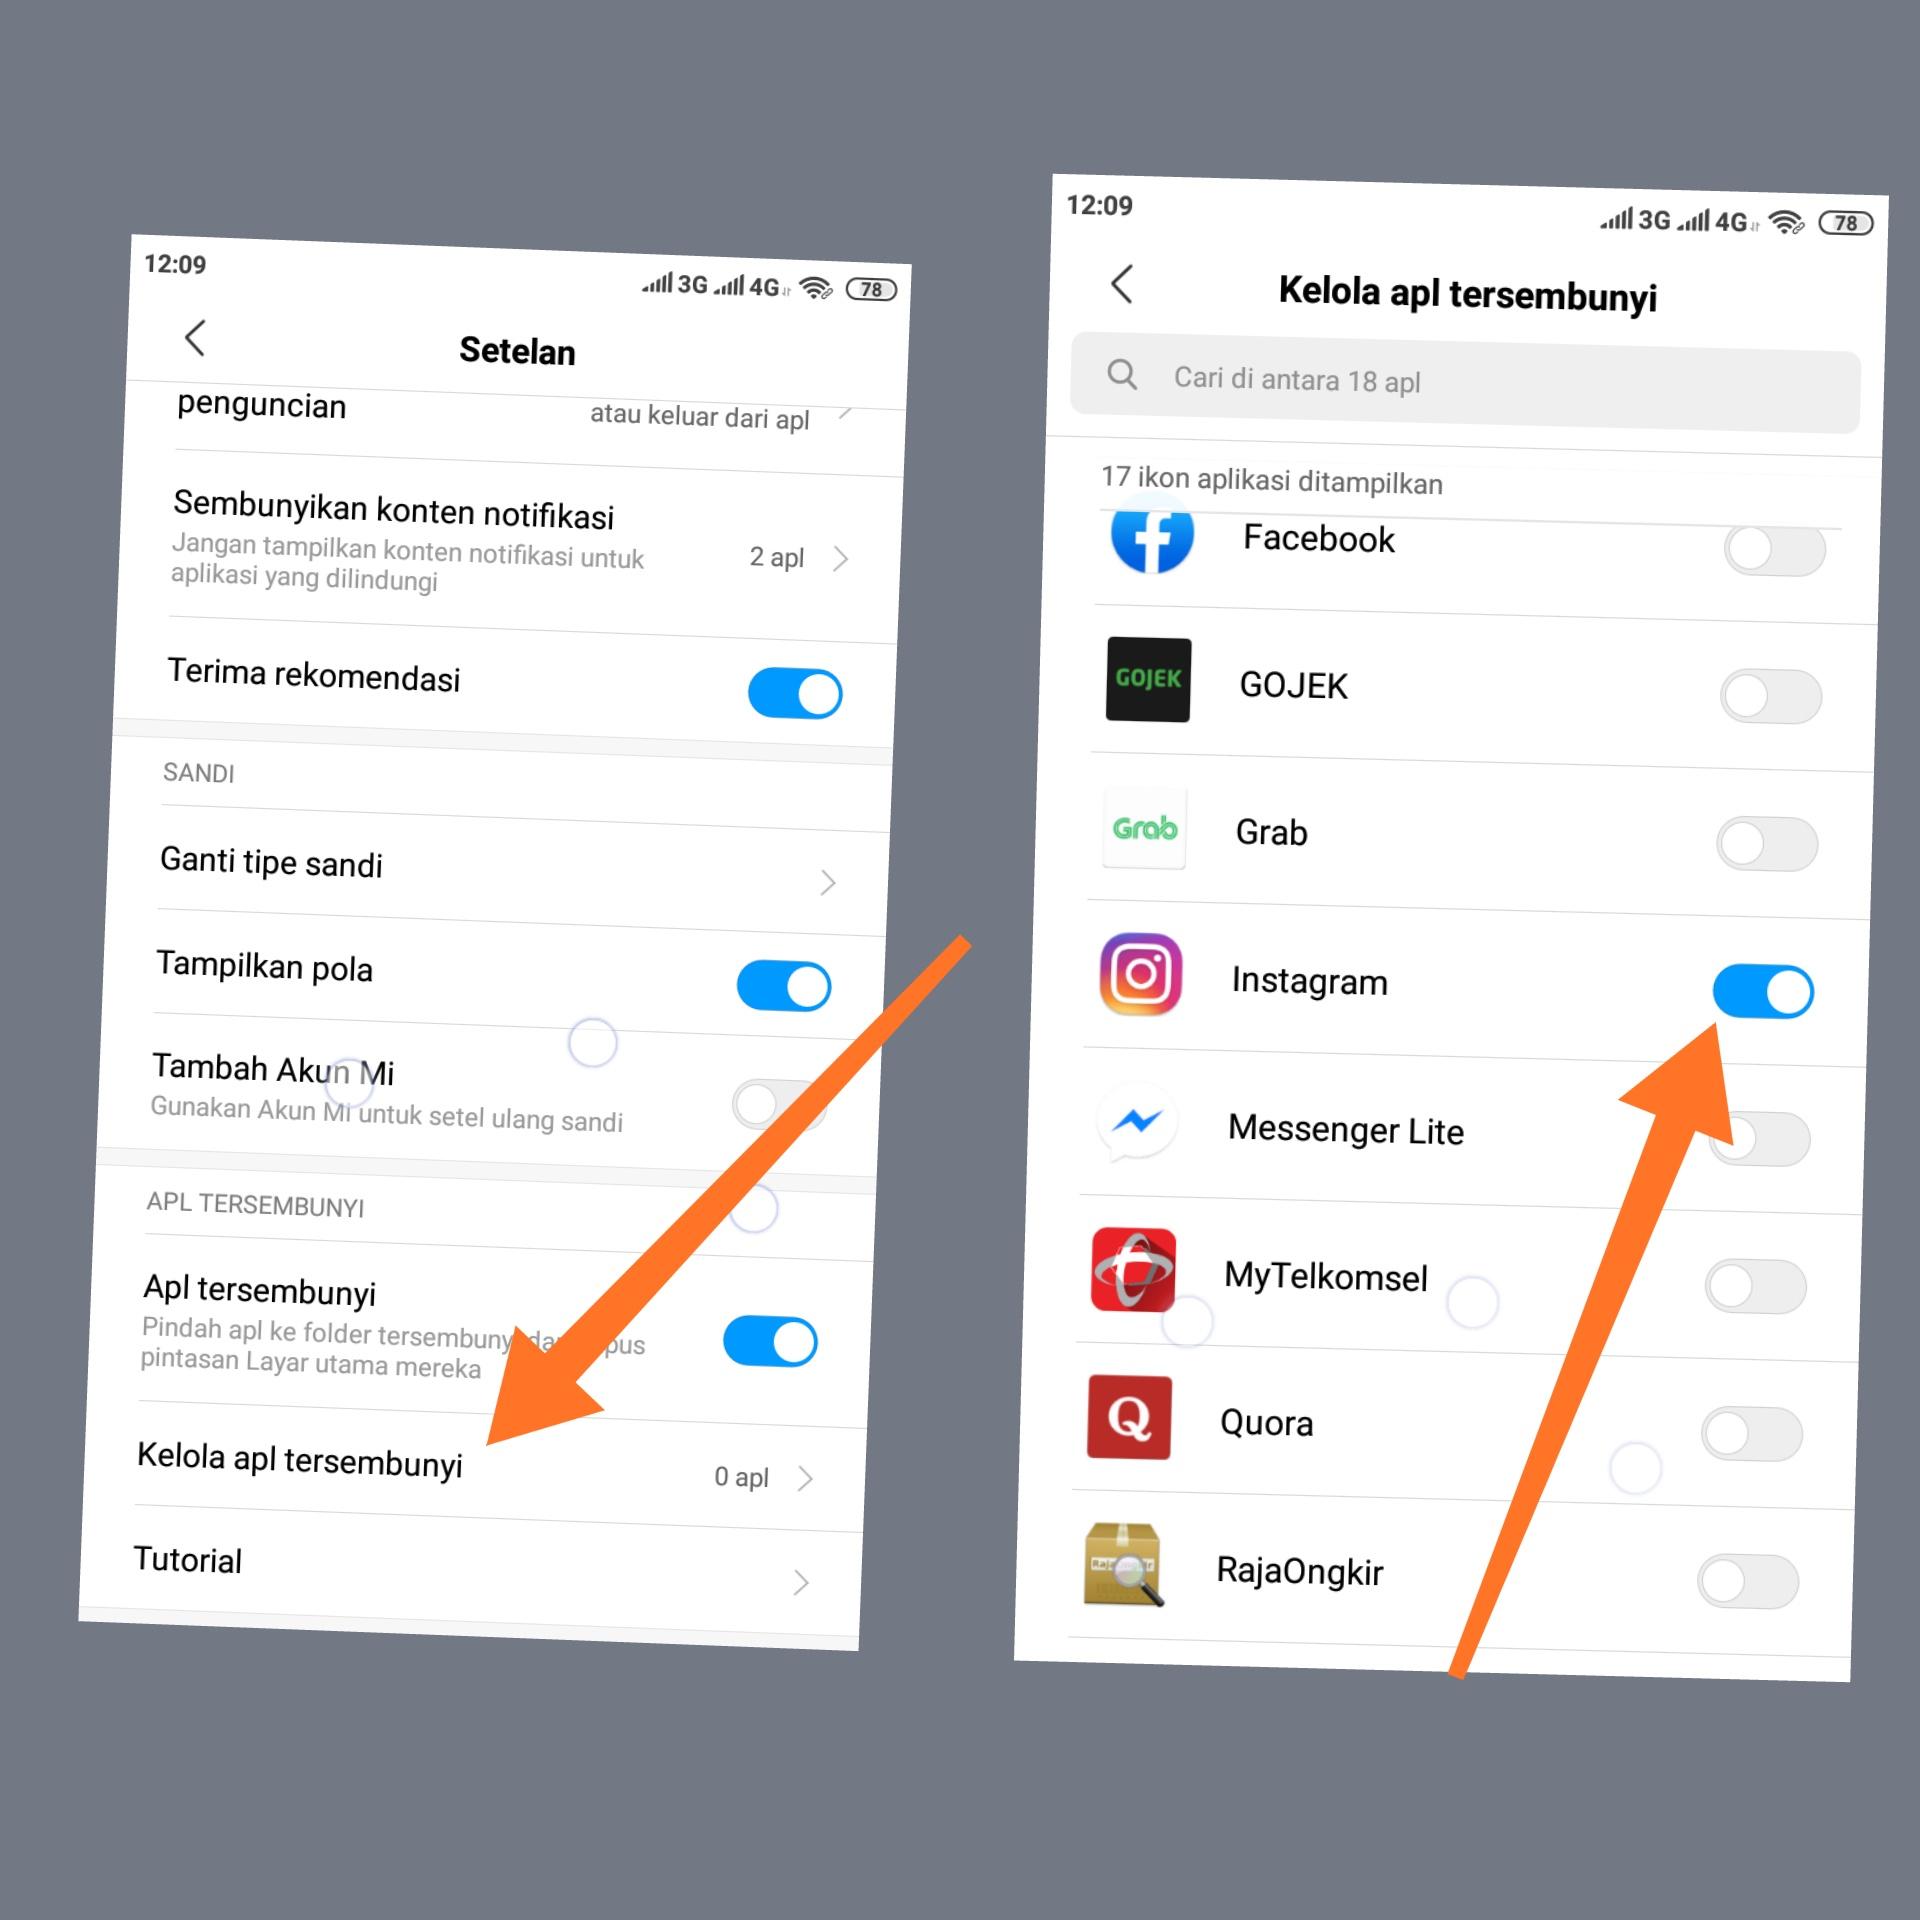 Cara Menyembunyikan Aplikasi Di Hp Xiaomi 5a Miui 11 Tanpa Root